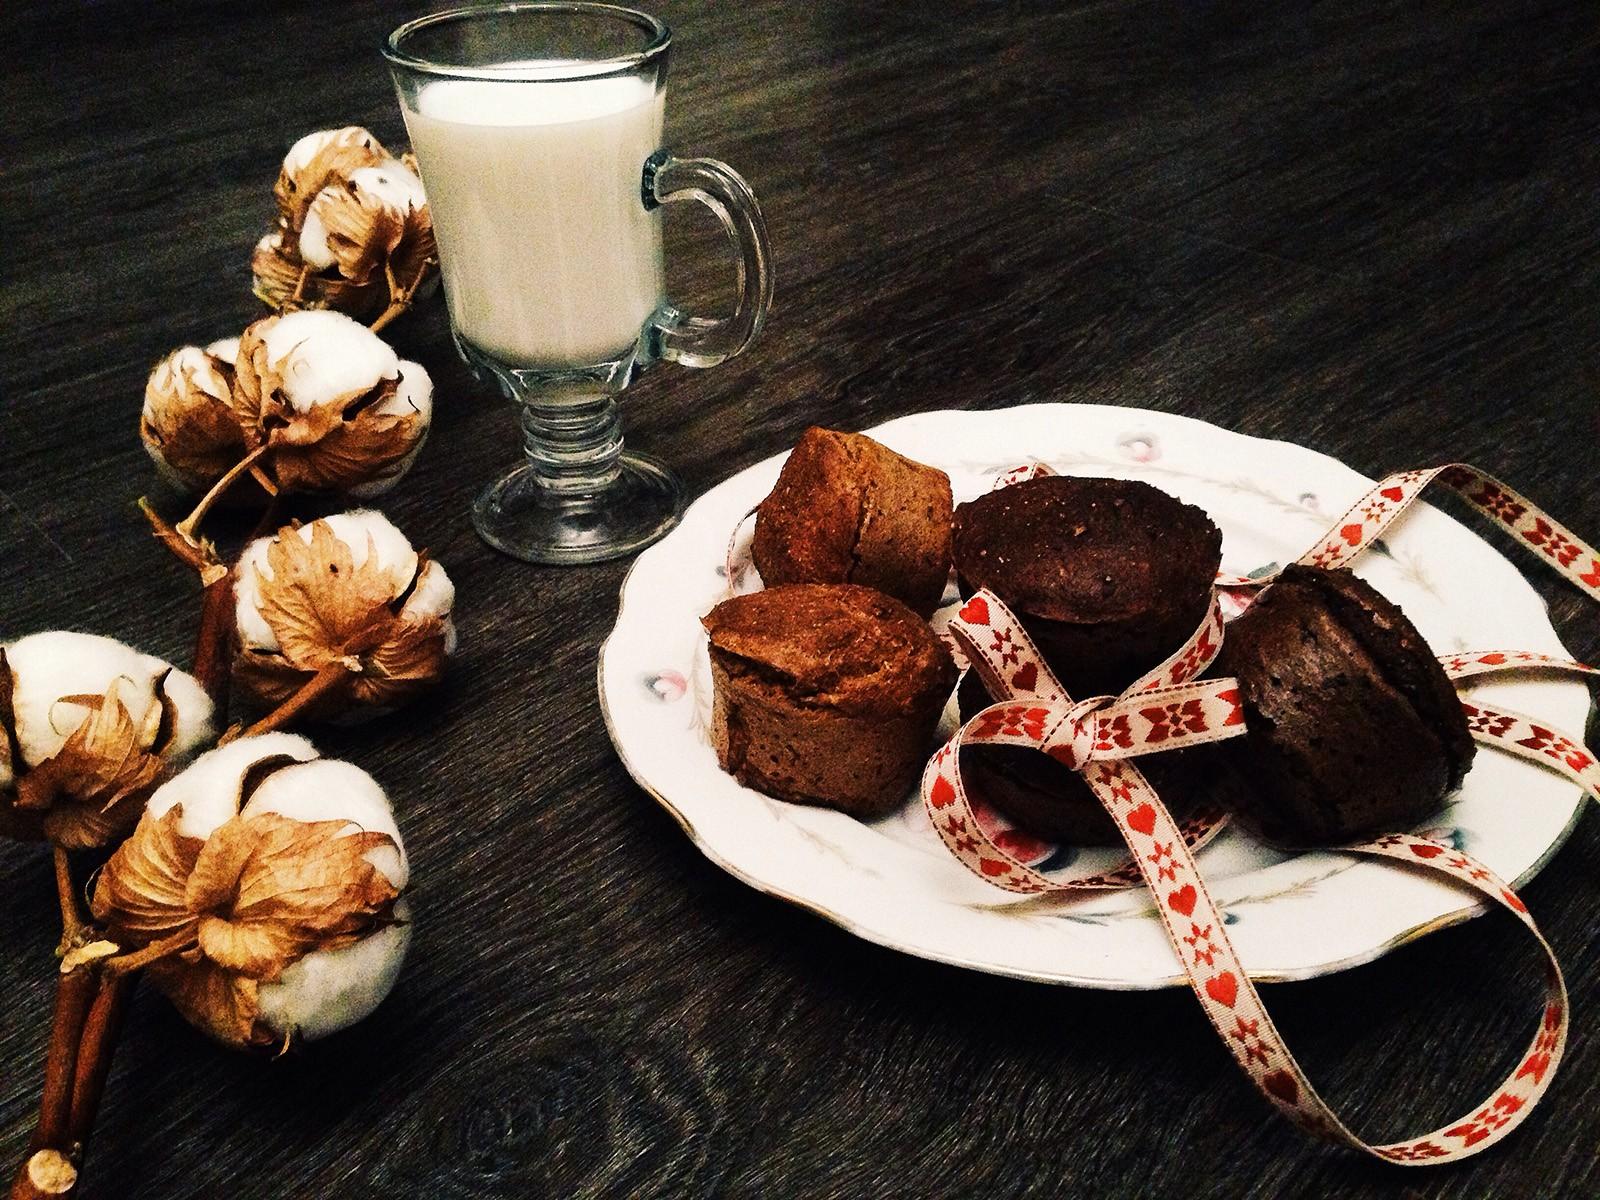 petits g teaux au chocolat alimentaires de farine de lin d licieux. Black Bedroom Furniture Sets. Home Design Ideas